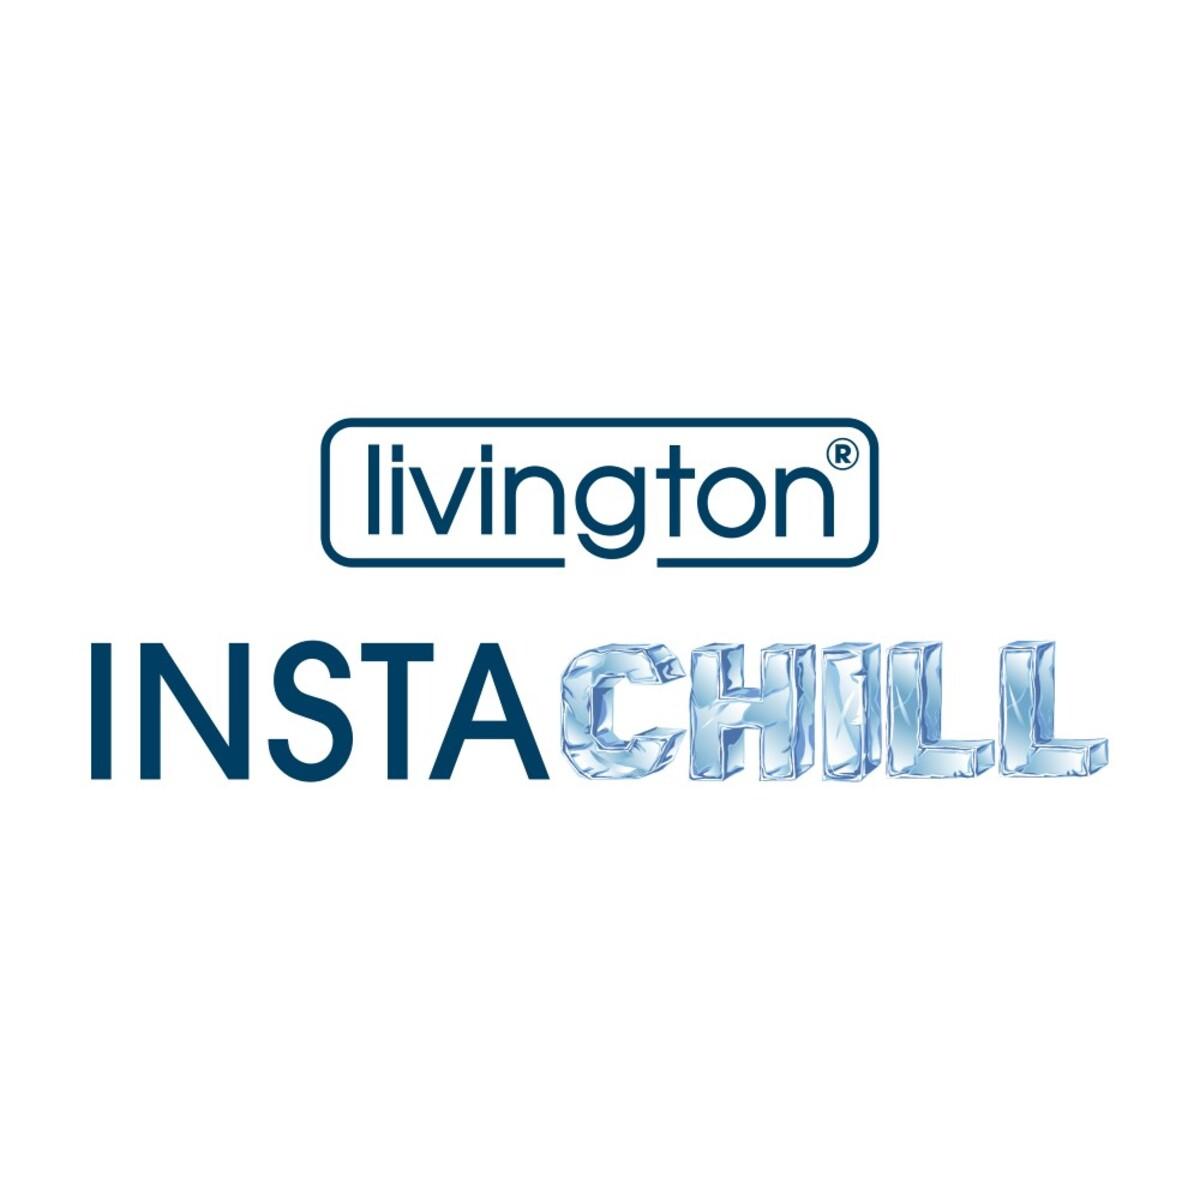 Bild 2 von Livington Instachill Mobiler Verdunstungskühler